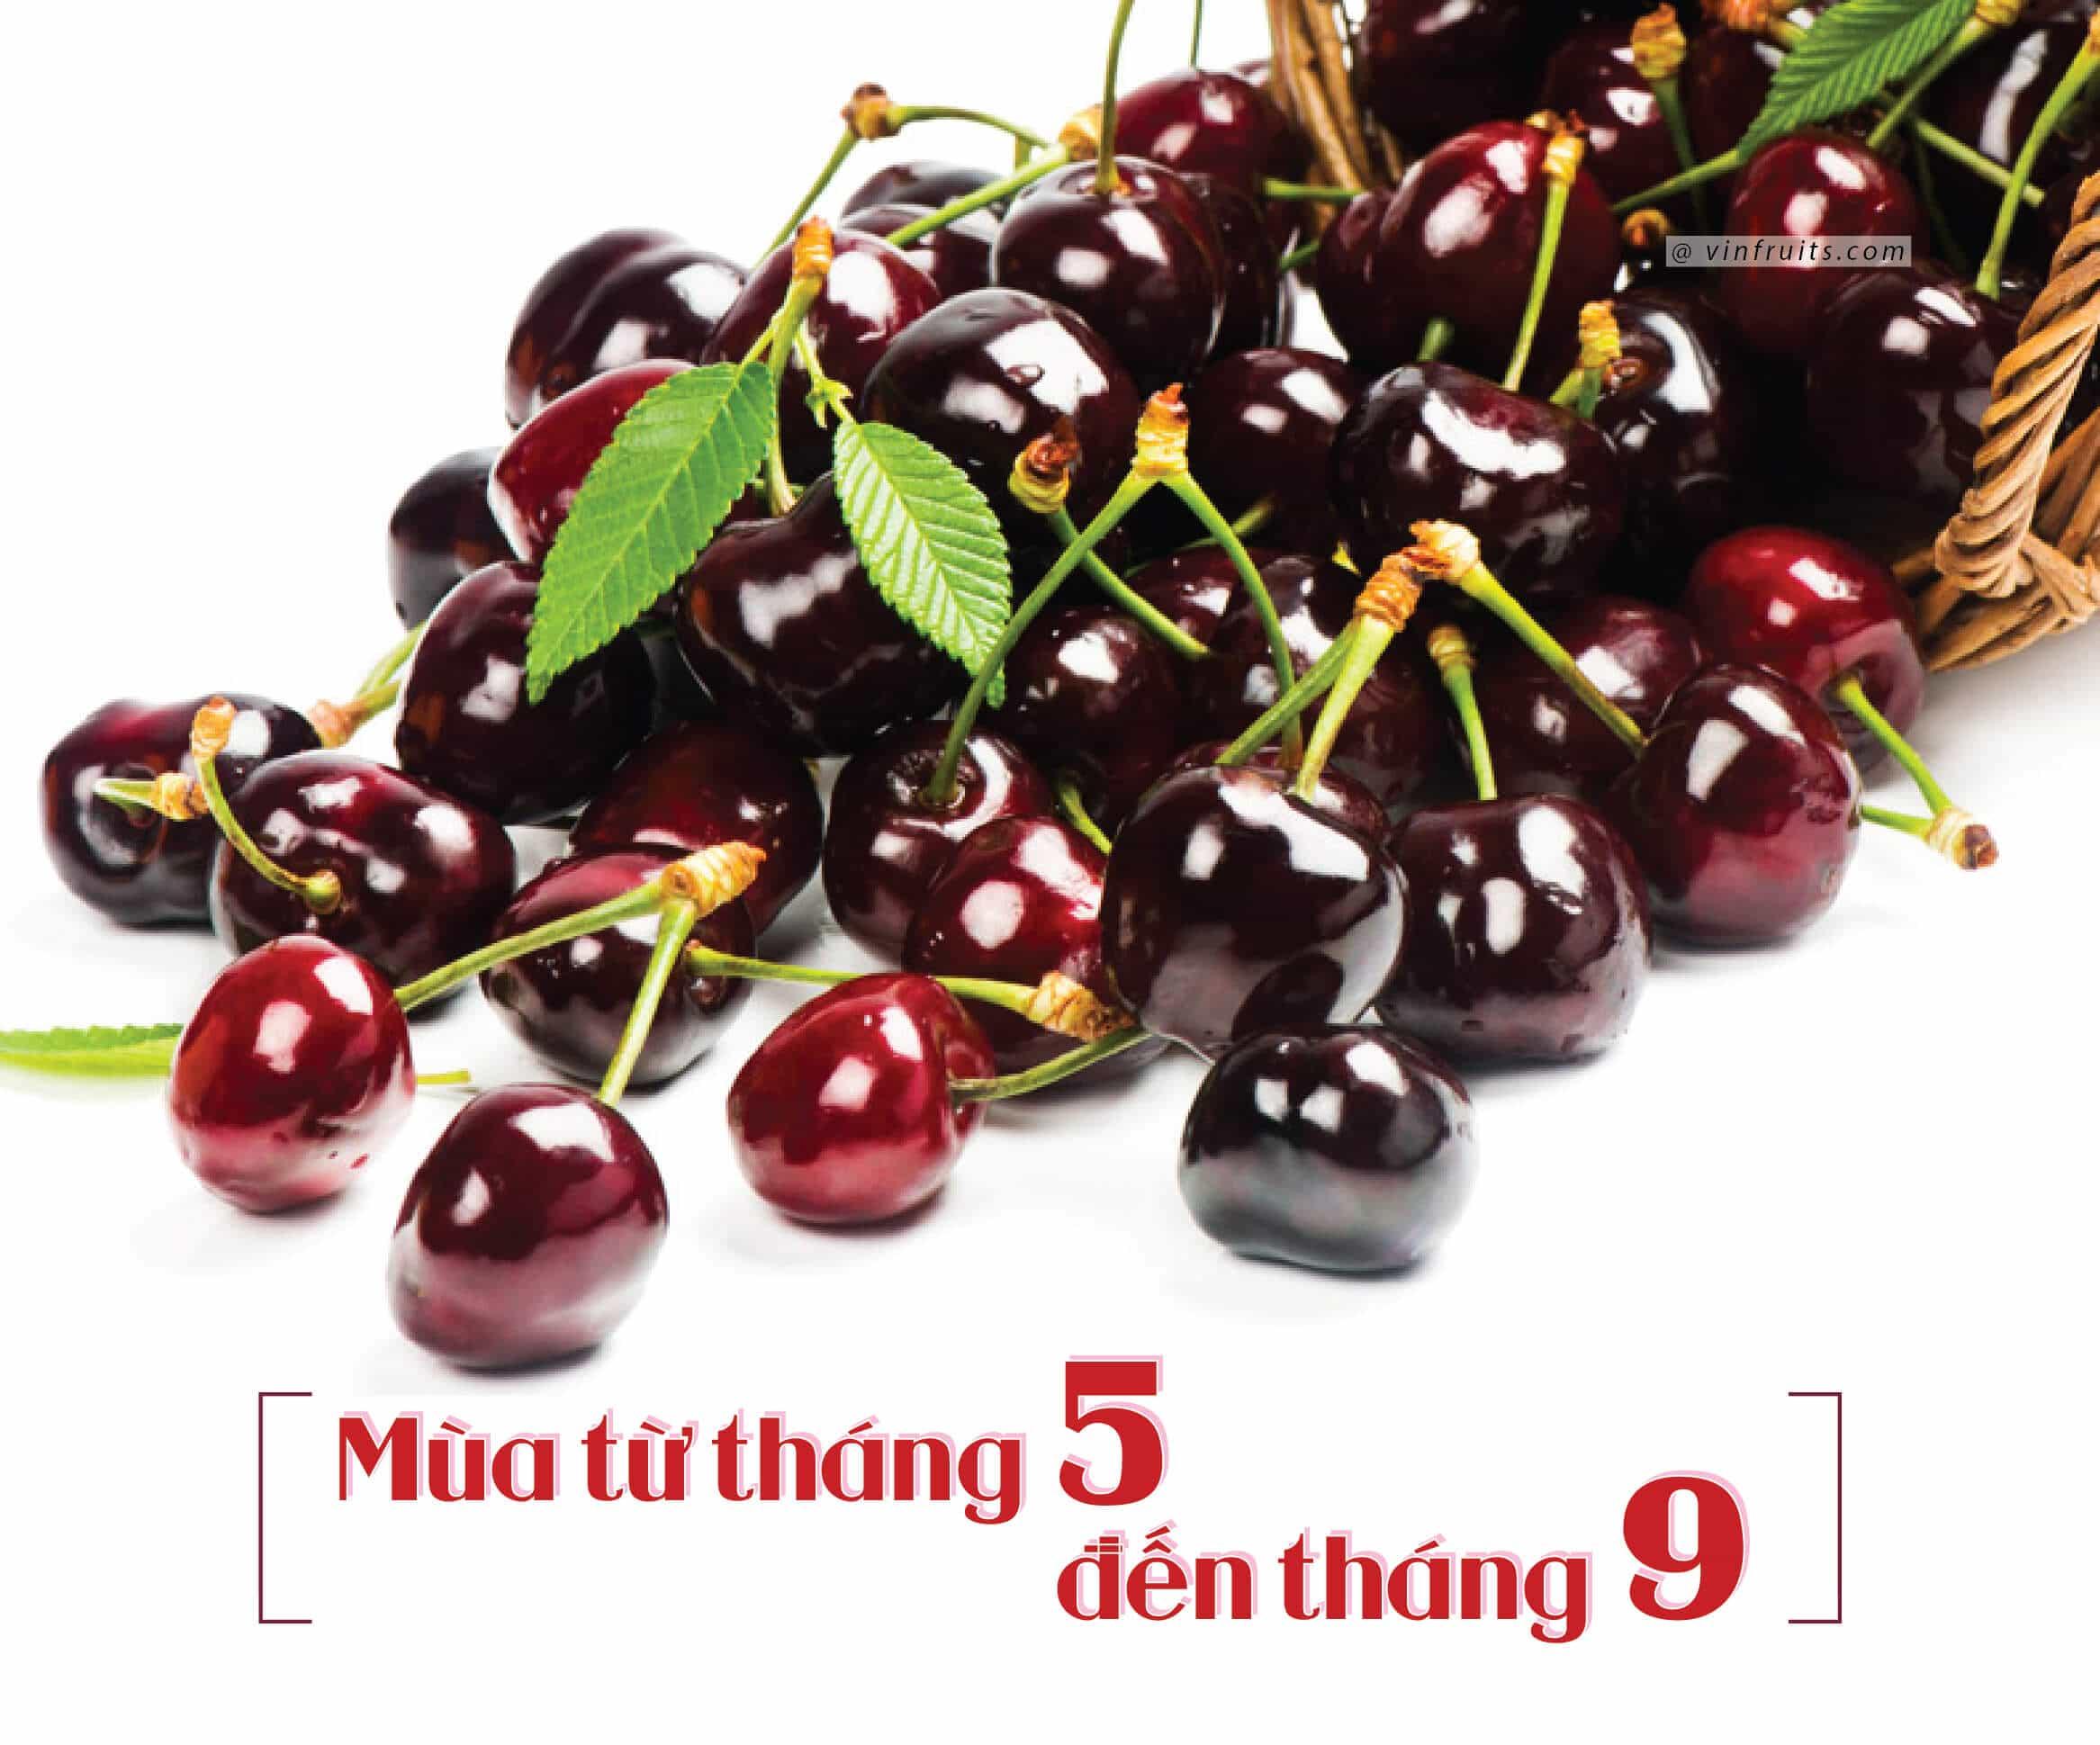 Mua vu cherry My - vinfruits.com